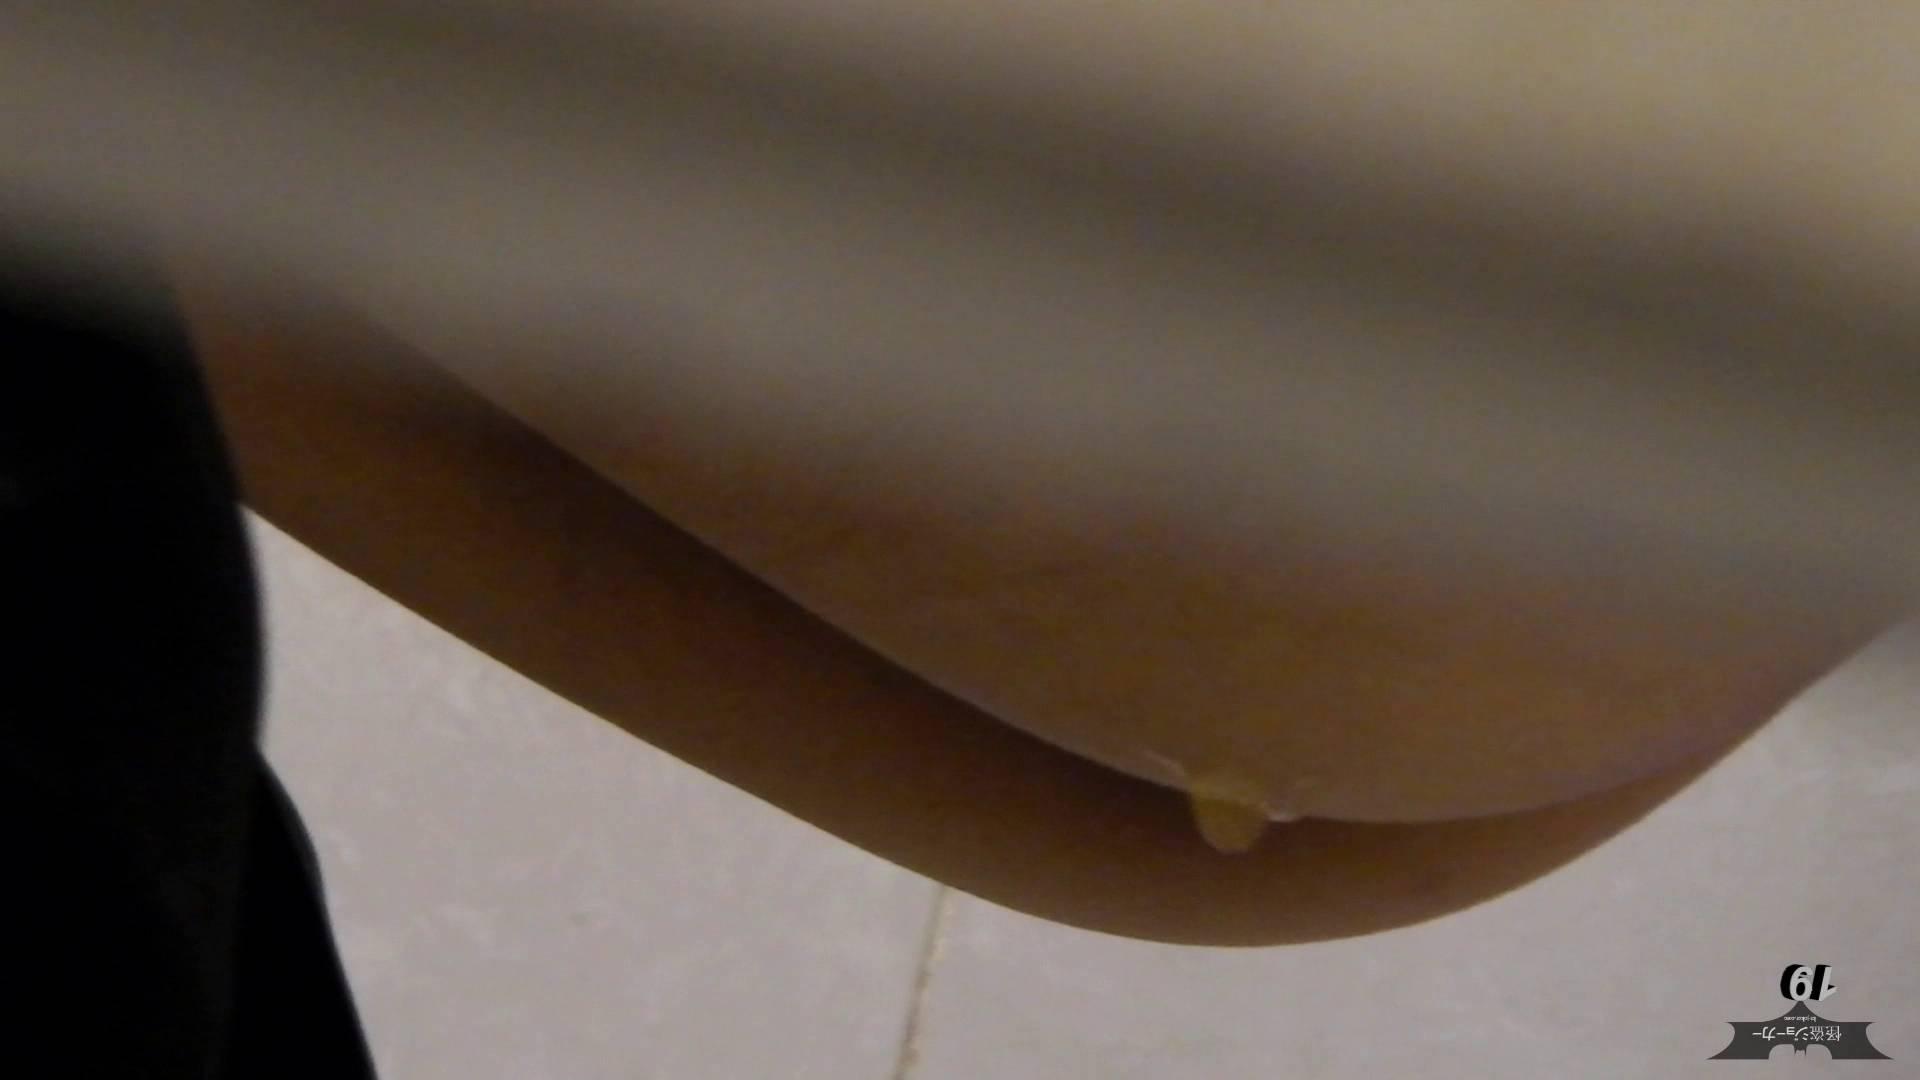 阿国ちゃんの「和式洋式七変化」 (NEW)19 「雫」はしっかりと切るんです! 和式で踏ん張り中 | 洗面所  16連発 1